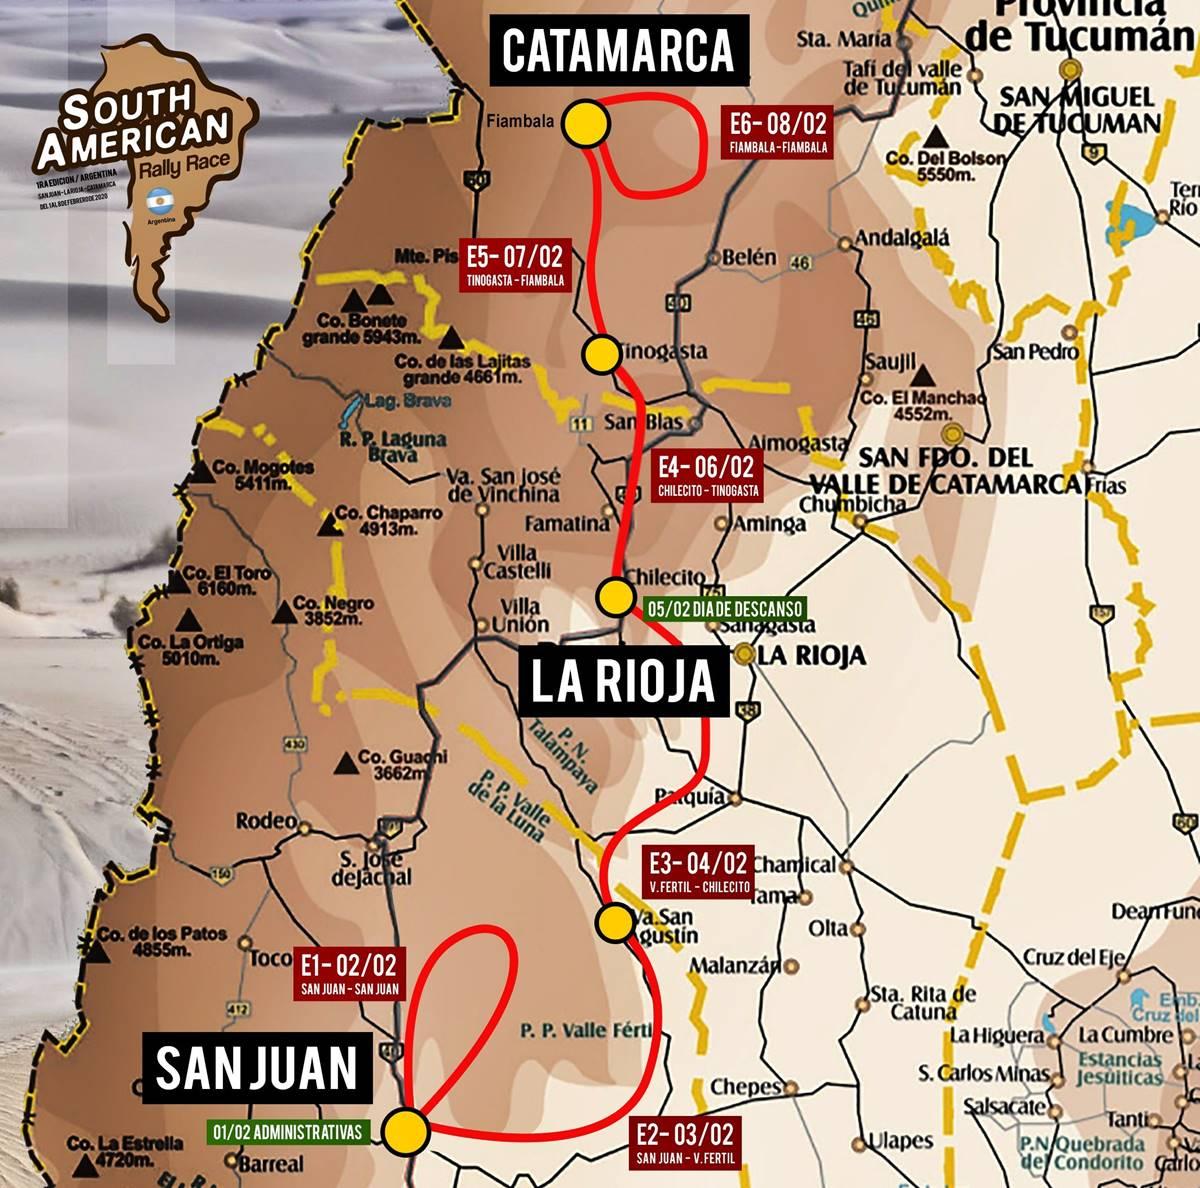 ¡En tu cara Dakar! Se viene el South American Rally Race